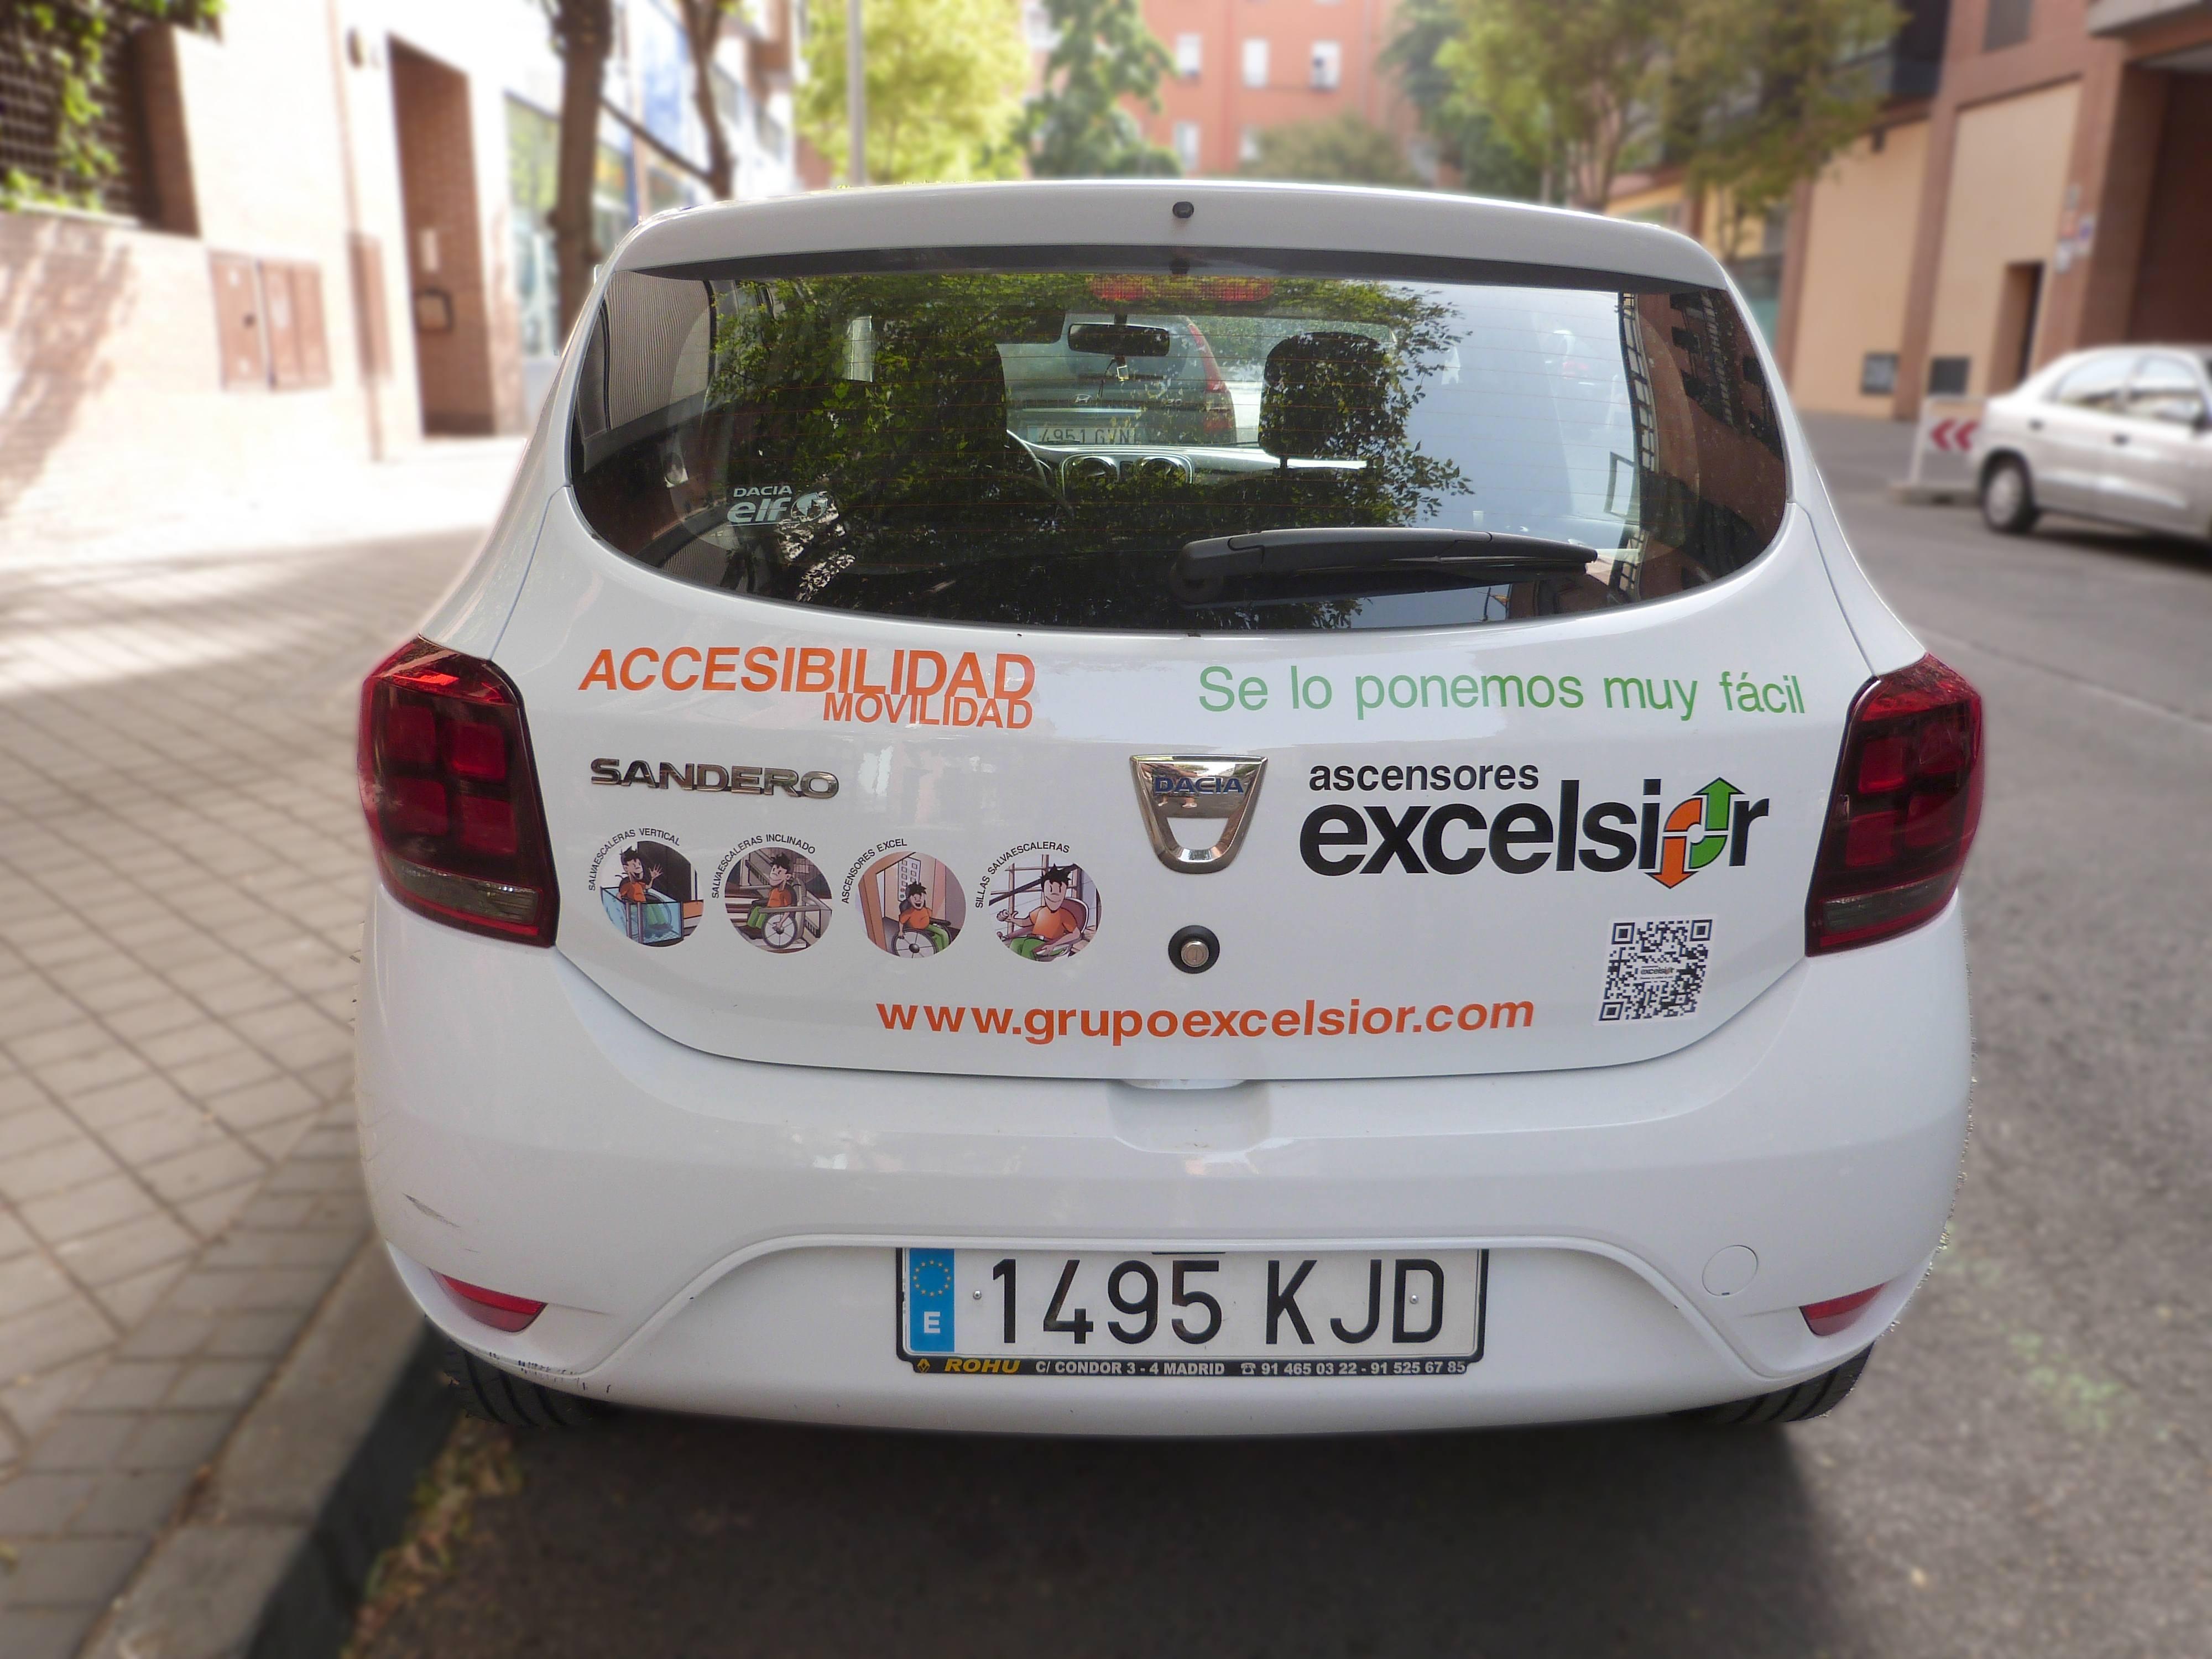 Nueva Flota de vehículos de Accesibilidad